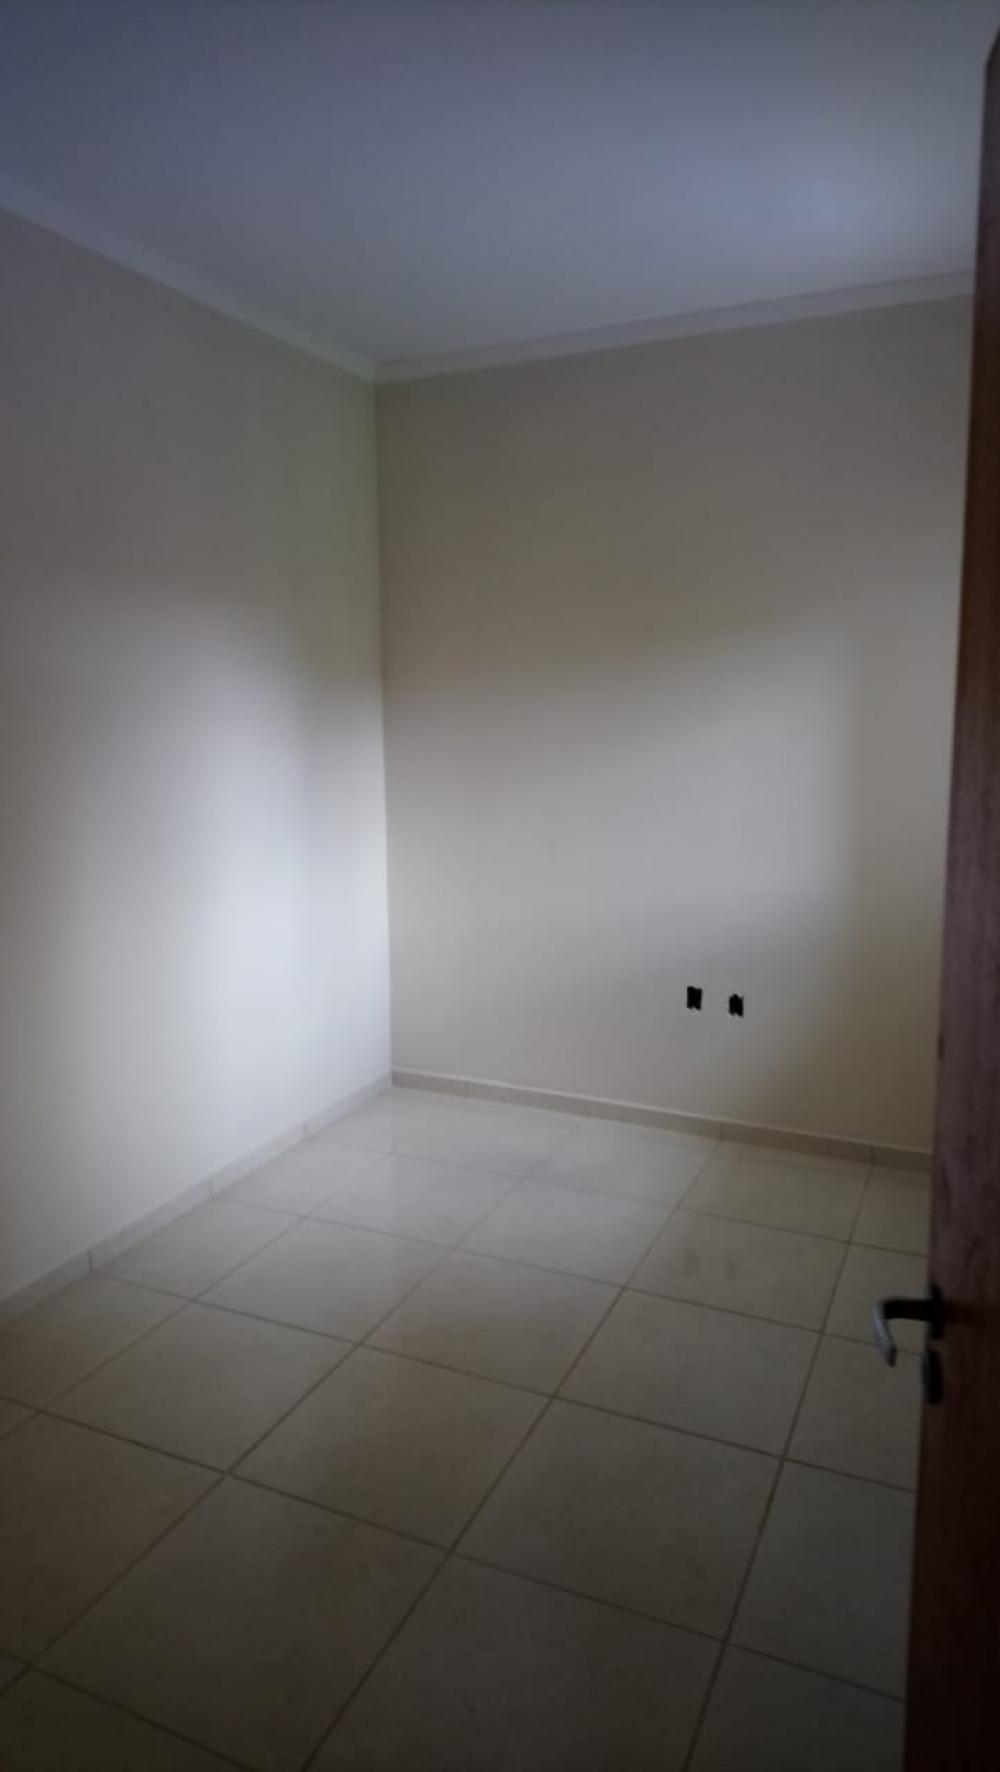 Alugar Casa / Padrão em São José do Rio Preto R$ 600,00 - Foto 11